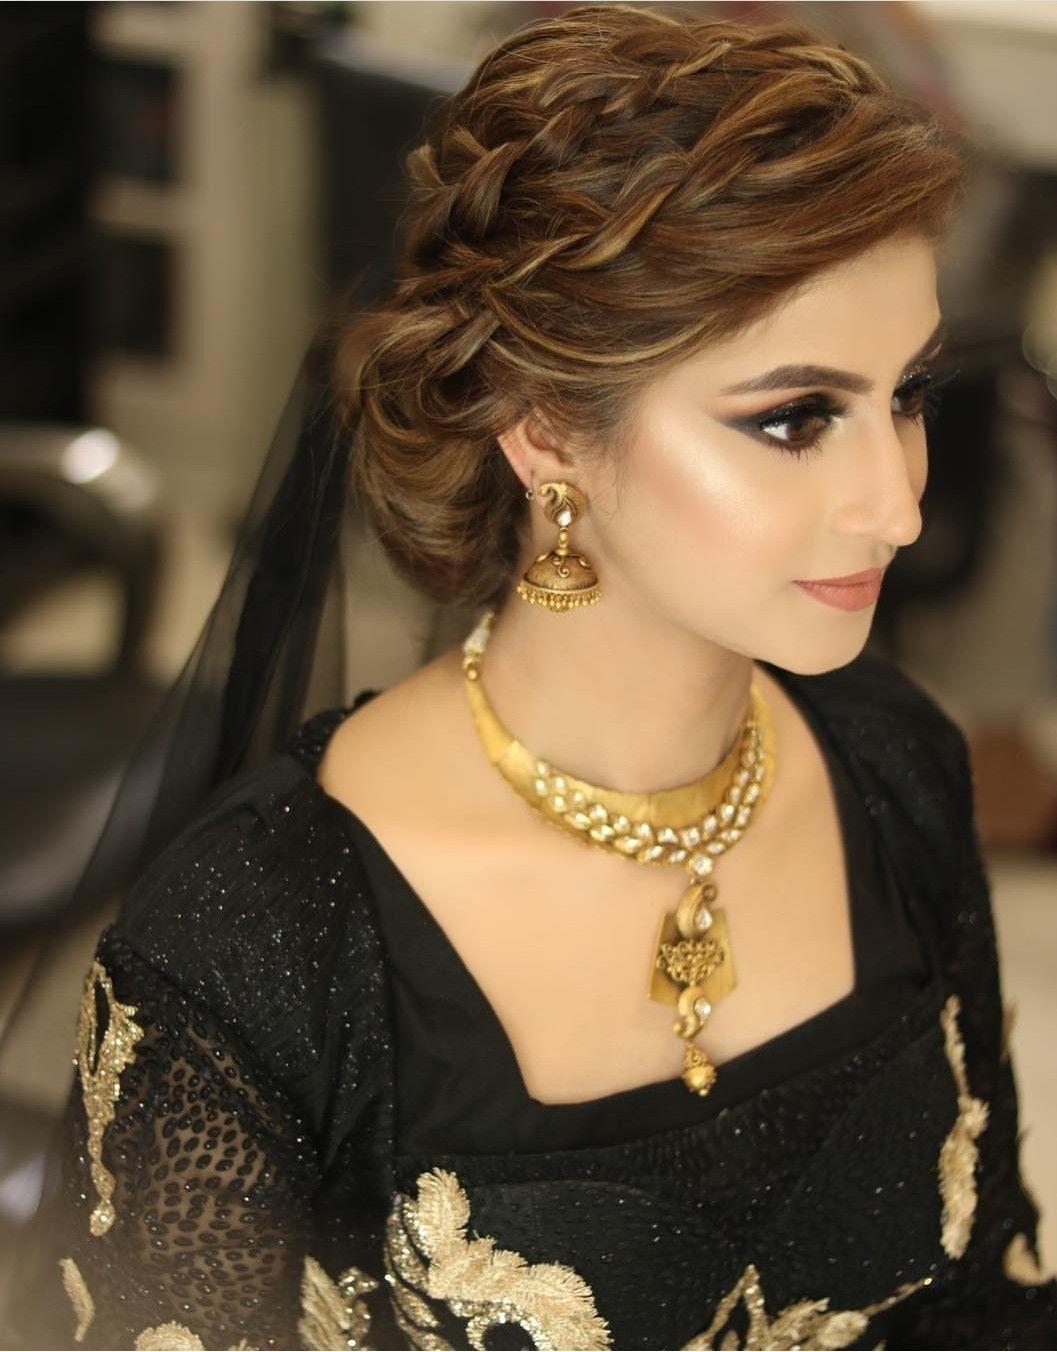 Pakistani Bridal Pakistani Bridal Hairstyles Pakistani Wedding Hairstyles Indian Bridal Hairstyles